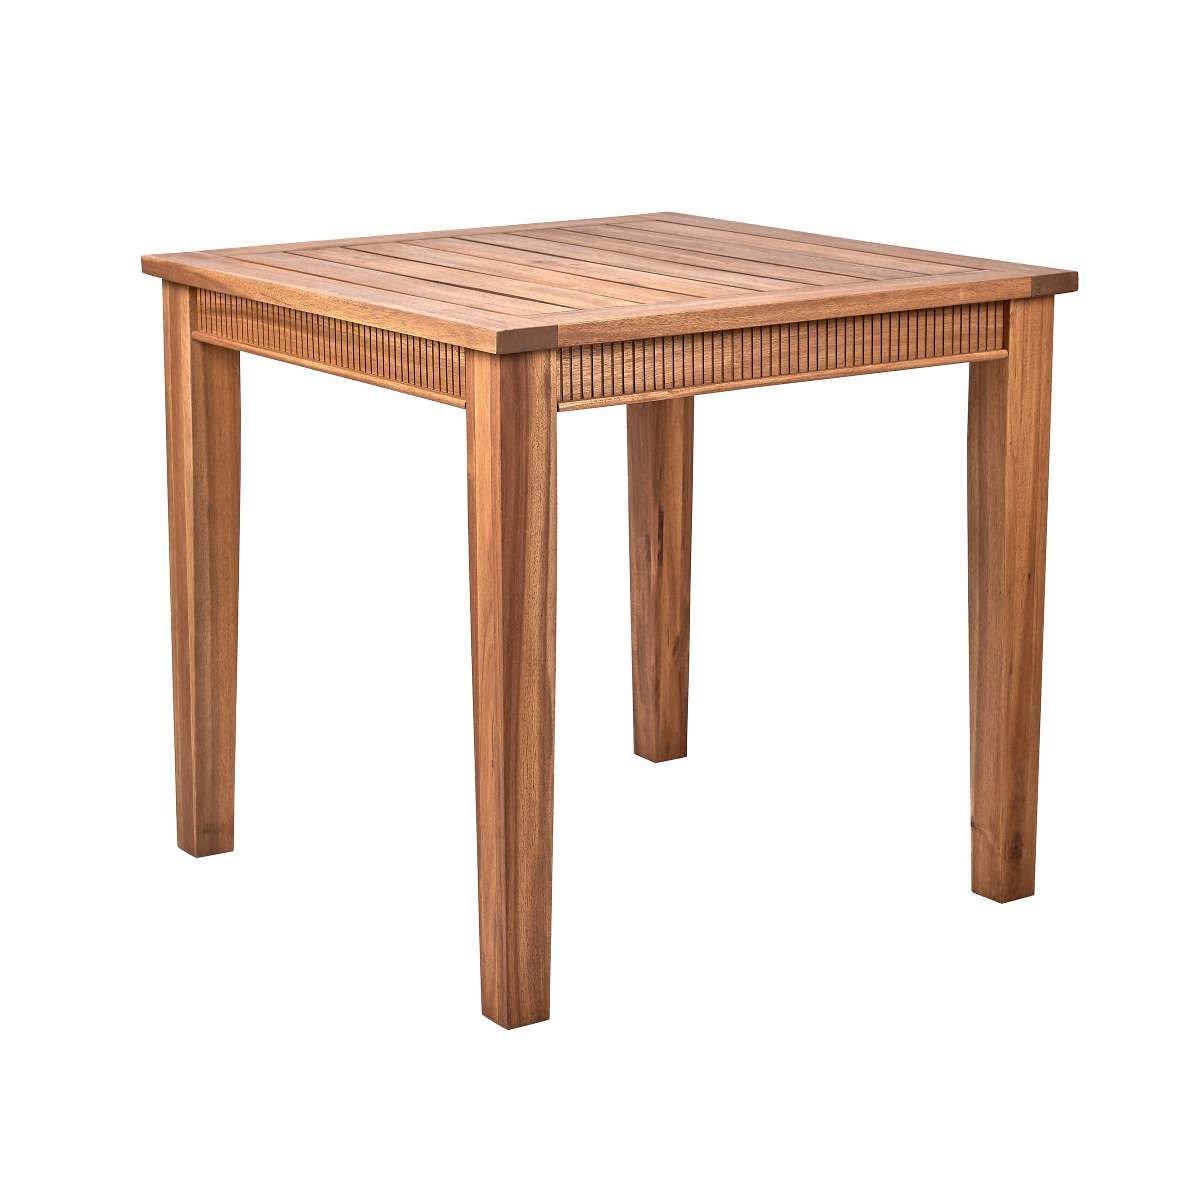 Bild 1 von Tisch 80x80 cm